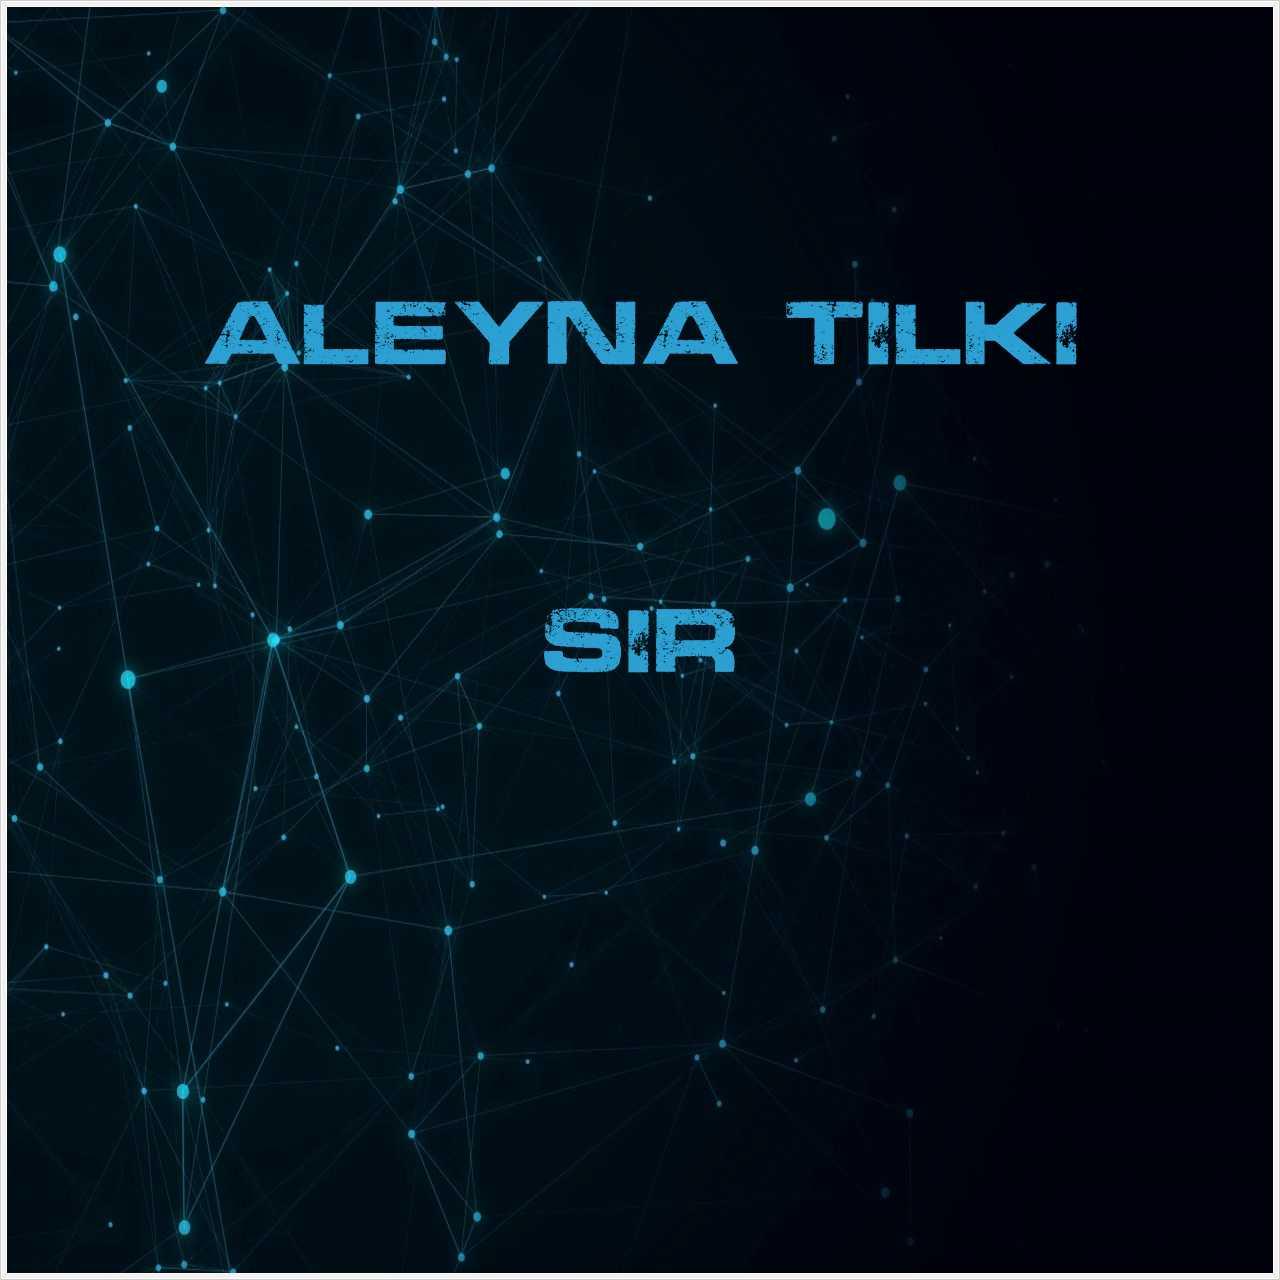 دانلود آهنگ جدید Aleyna Tilki به نام Sır